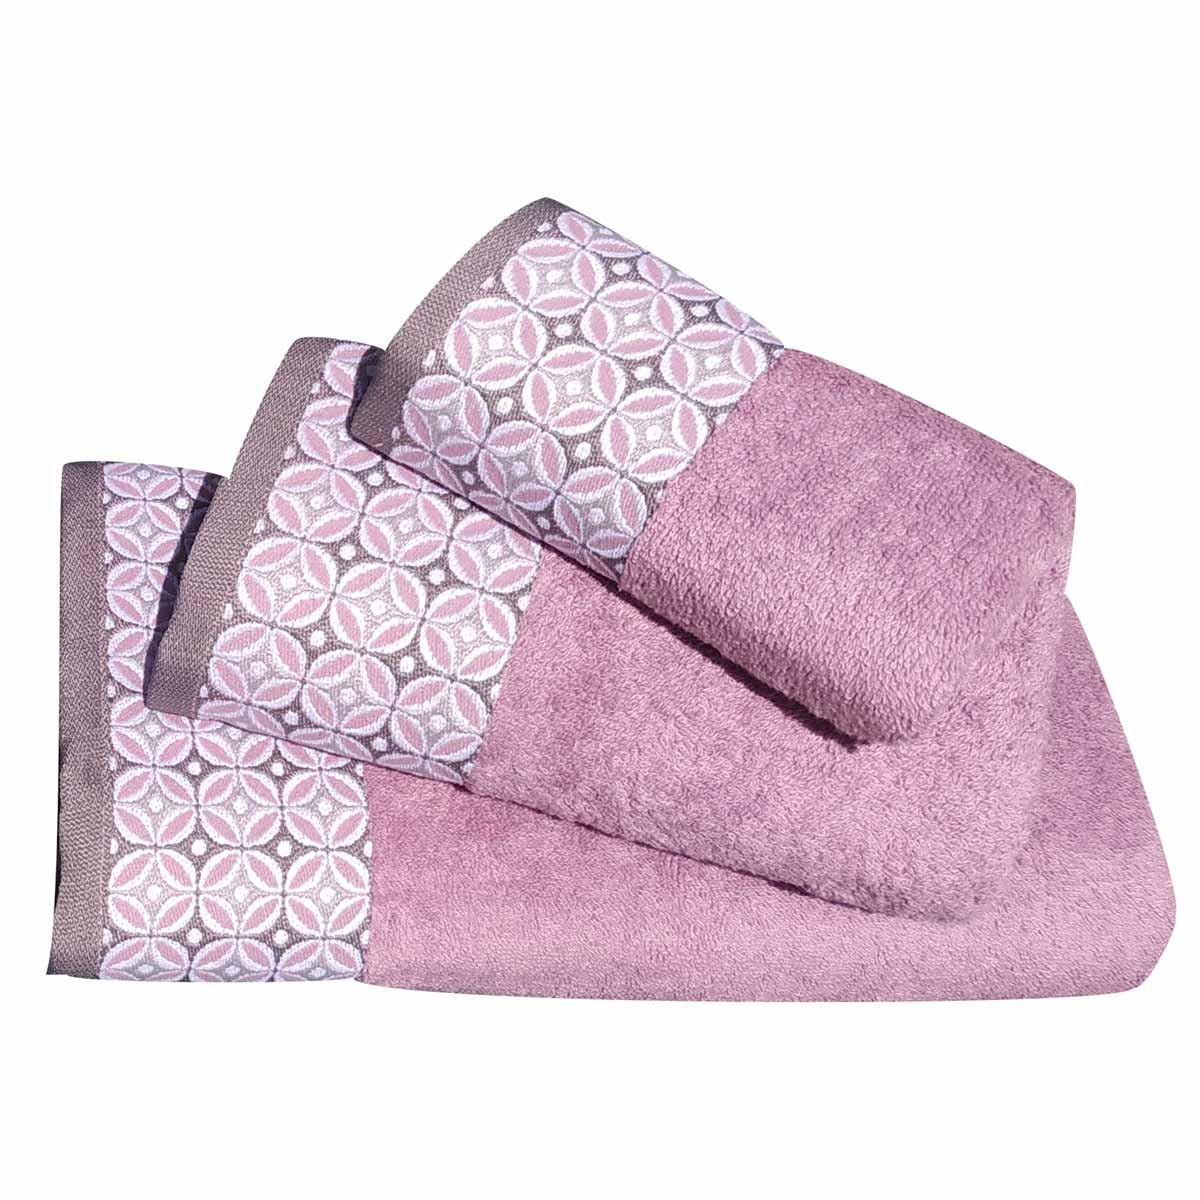 Πετσέτες Μπάνιου (Σετ 3τμχ) Morven 1907 Purple